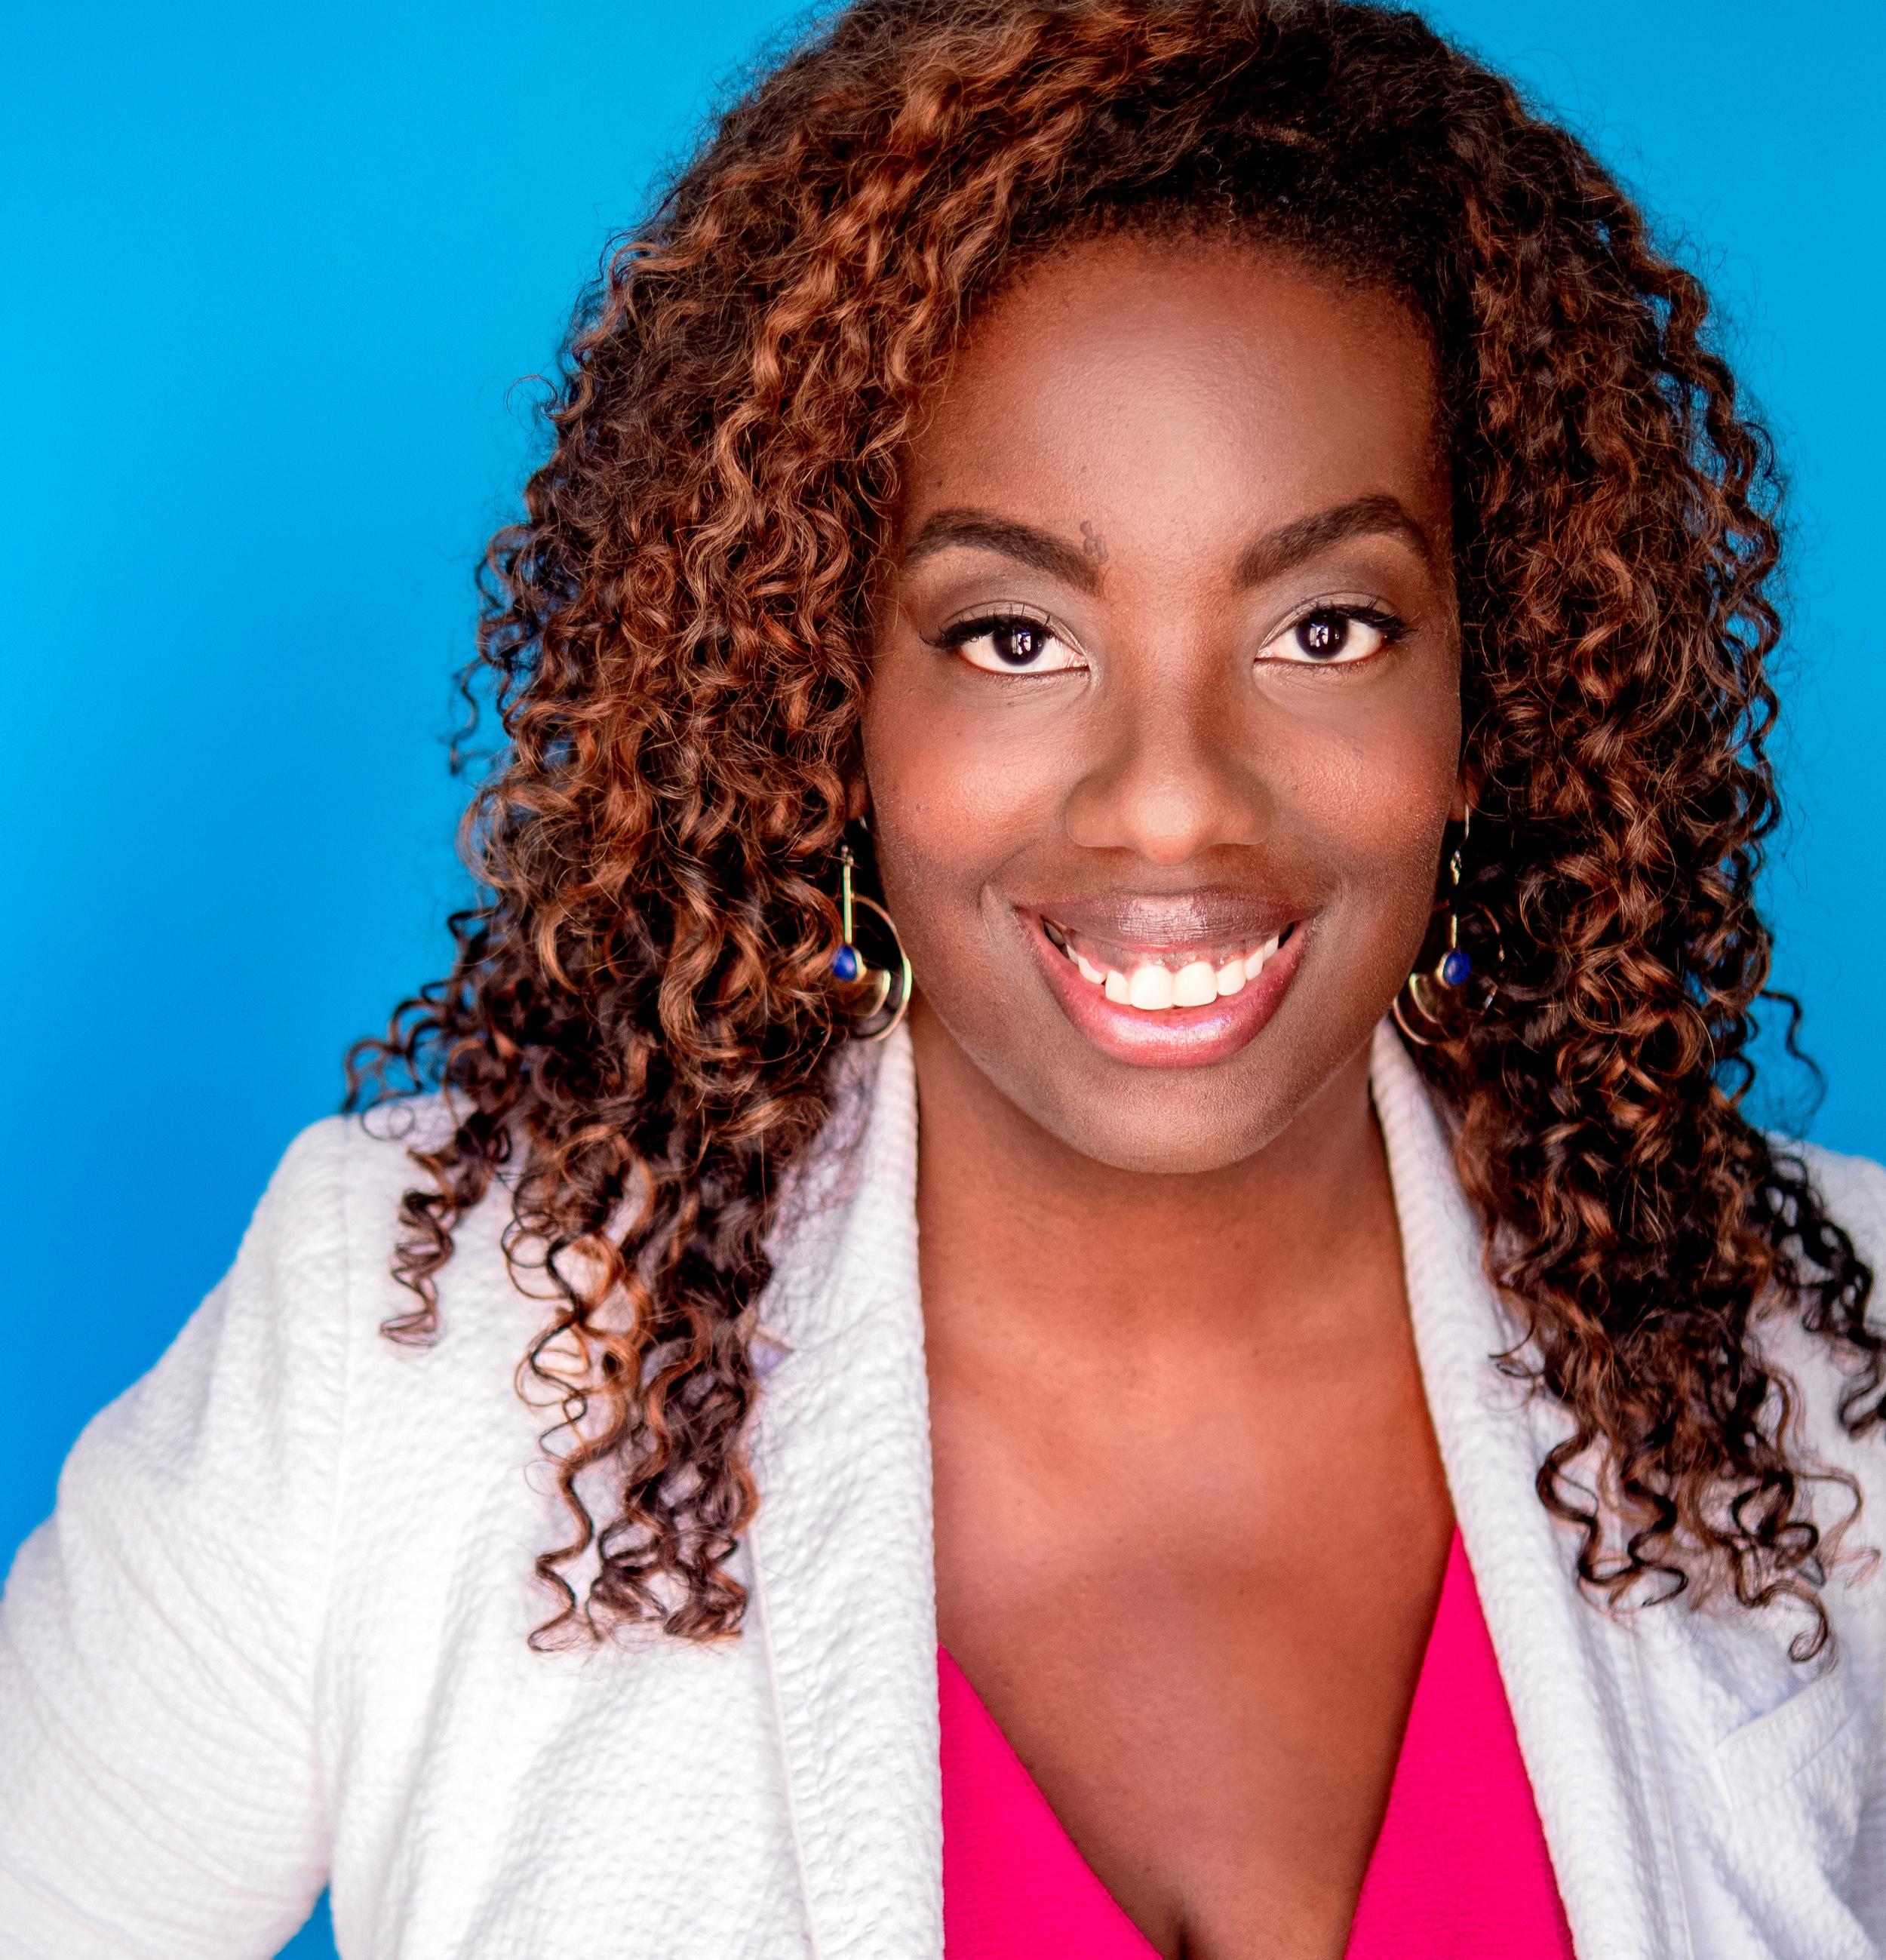 Kimberly Dillon